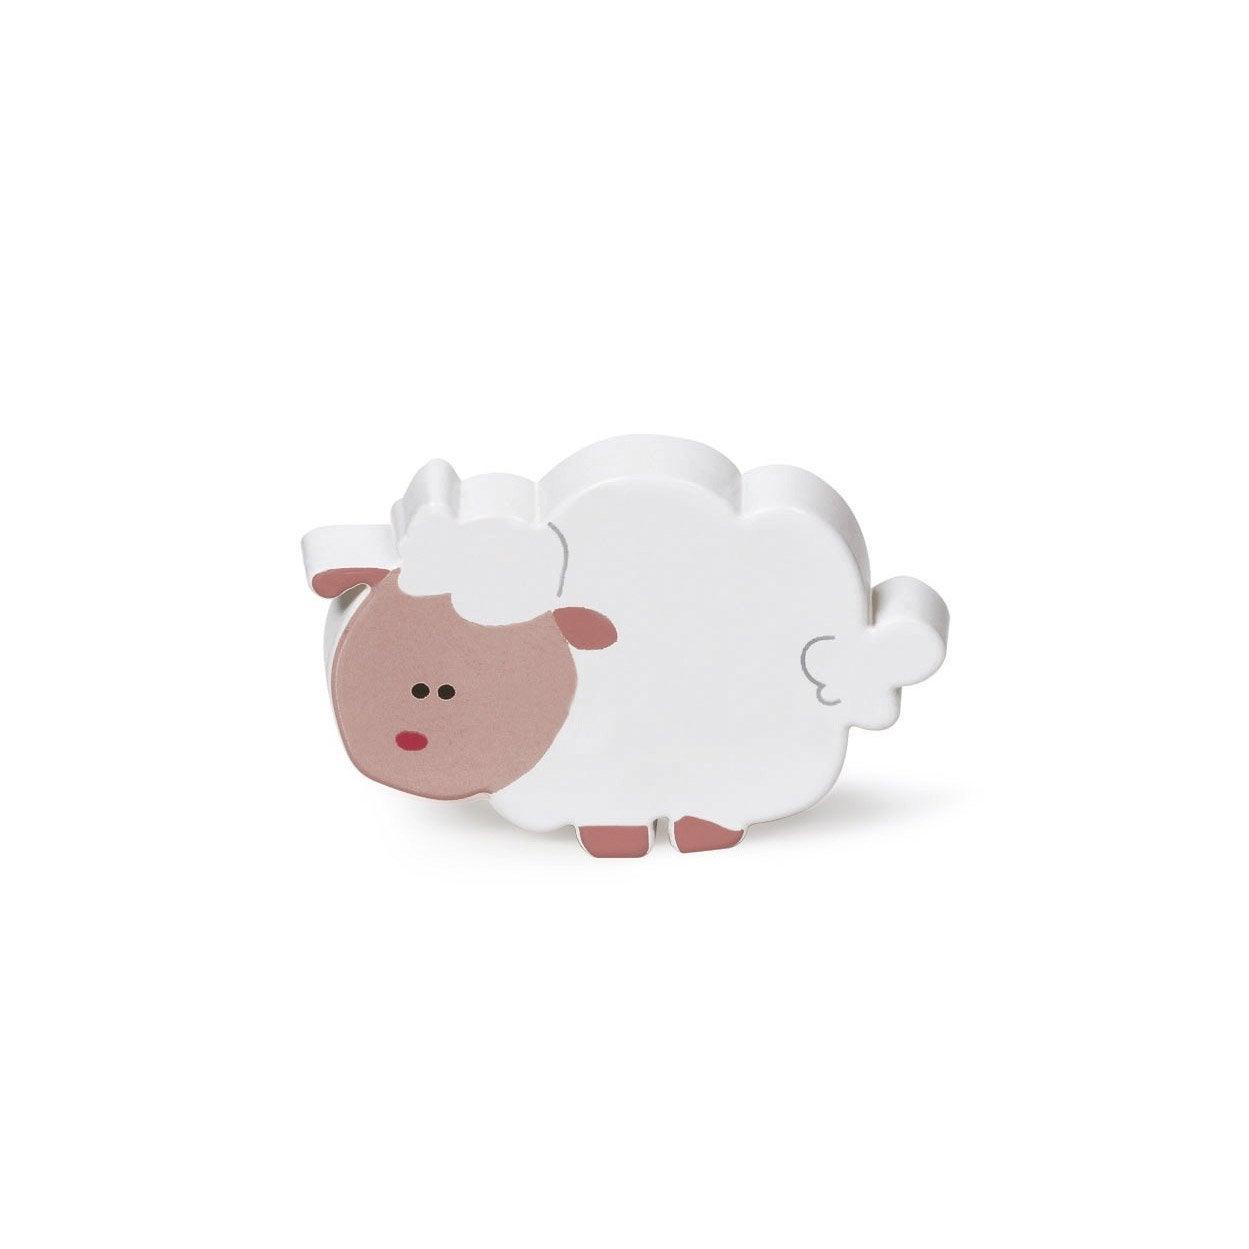 bouton de meuble mouton plastique mat leroy merlin. Black Bedroom Furniture Sets. Home Design Ideas